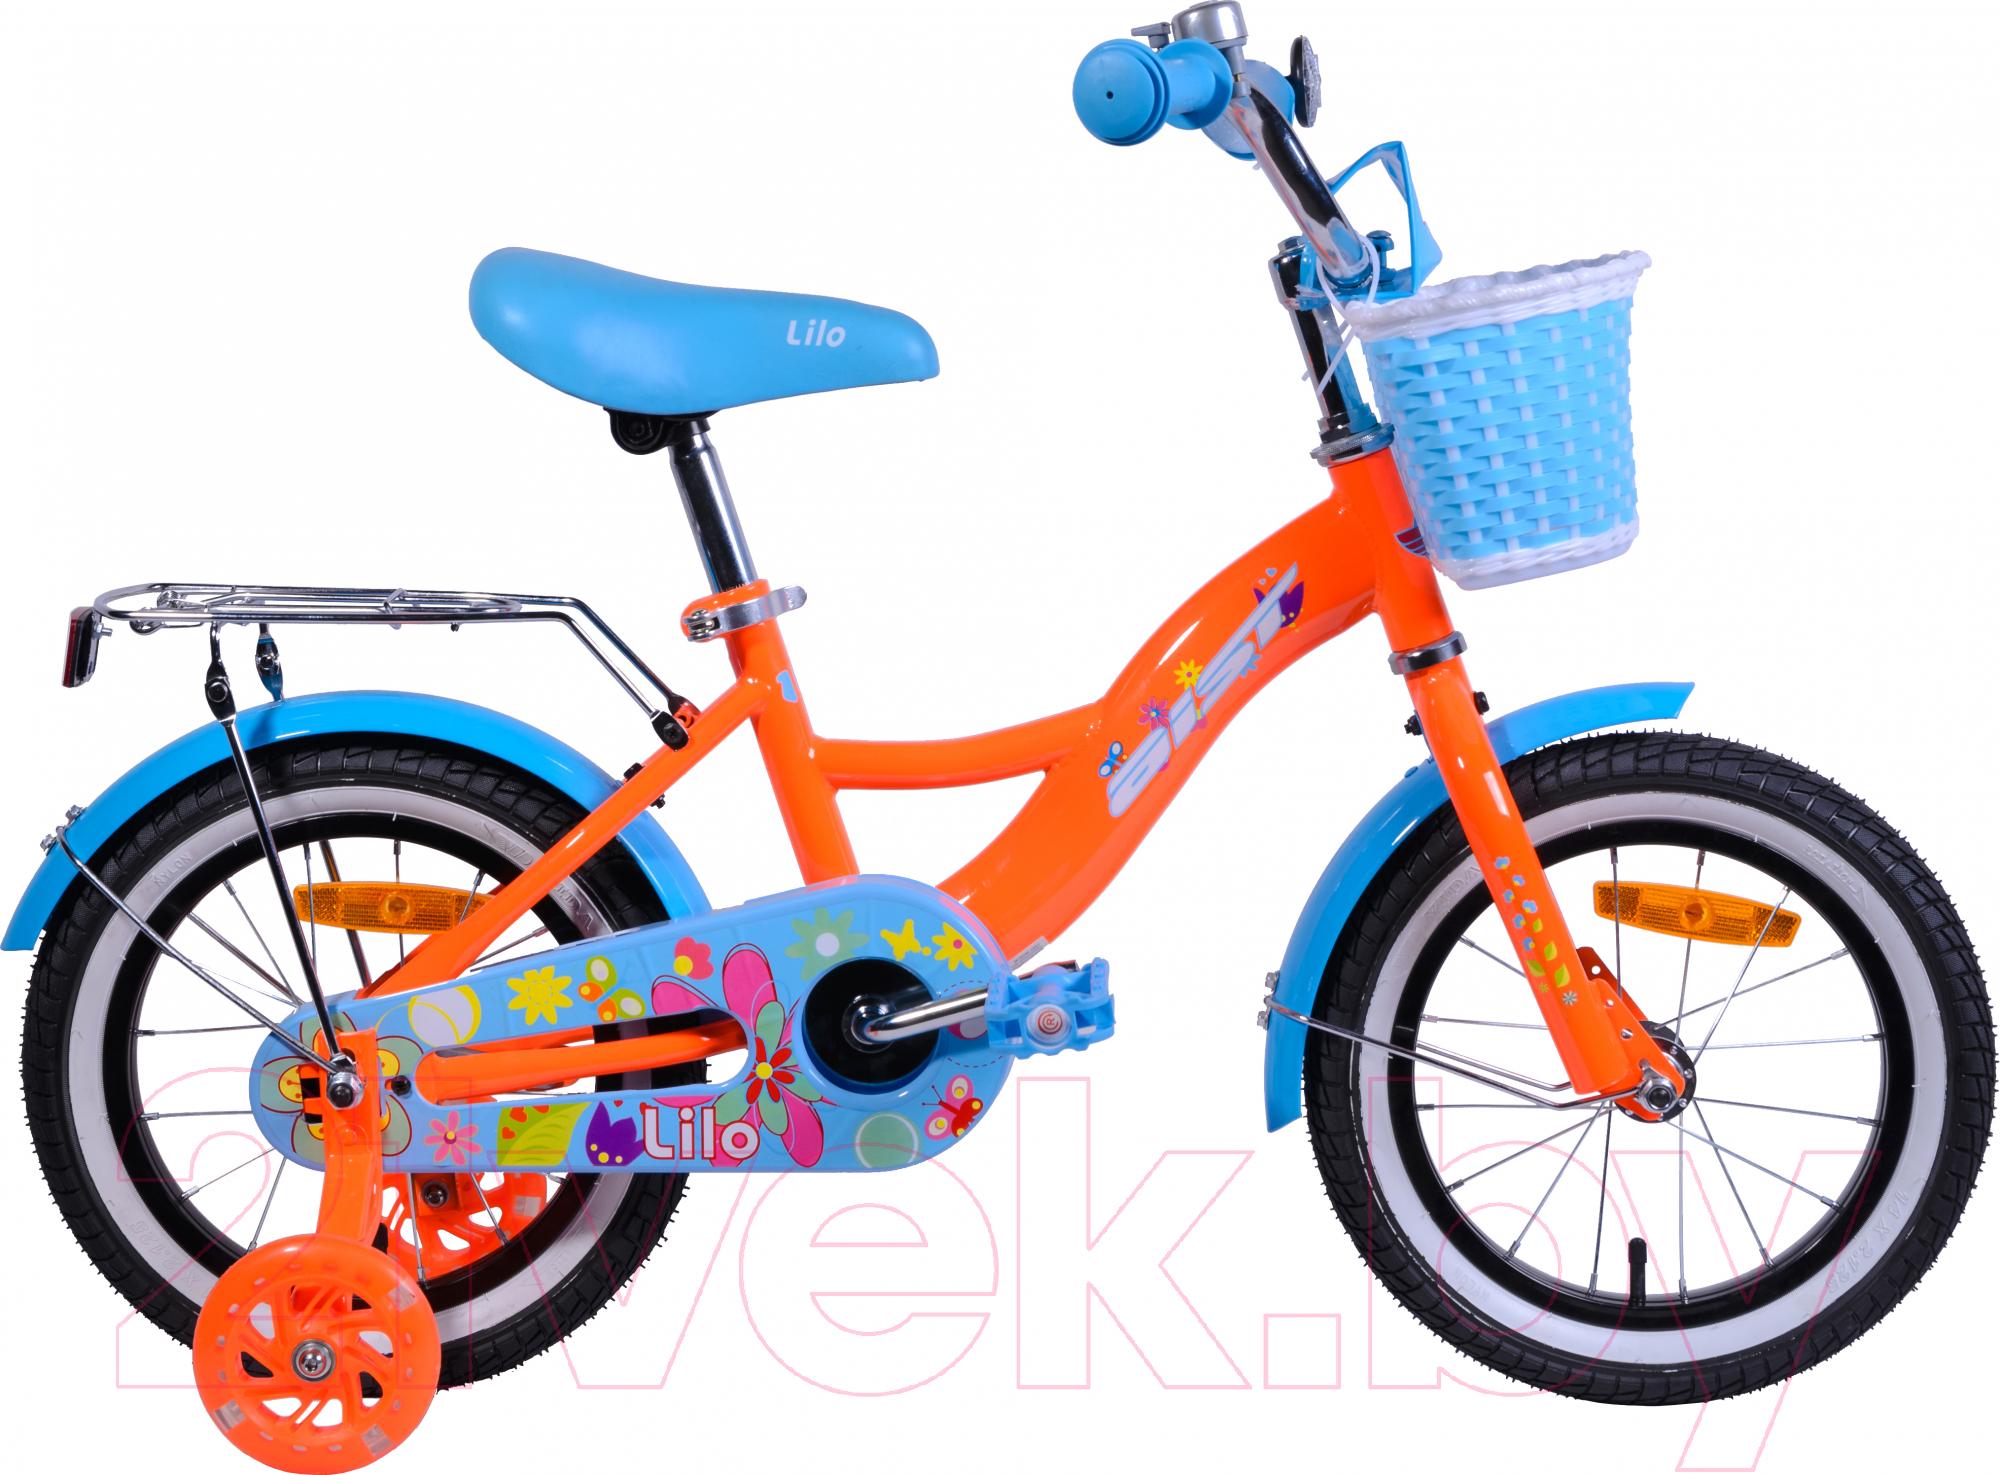 Купить Детский велосипед AIST, Lilo 2019 (14, оранжевый), Беларусь